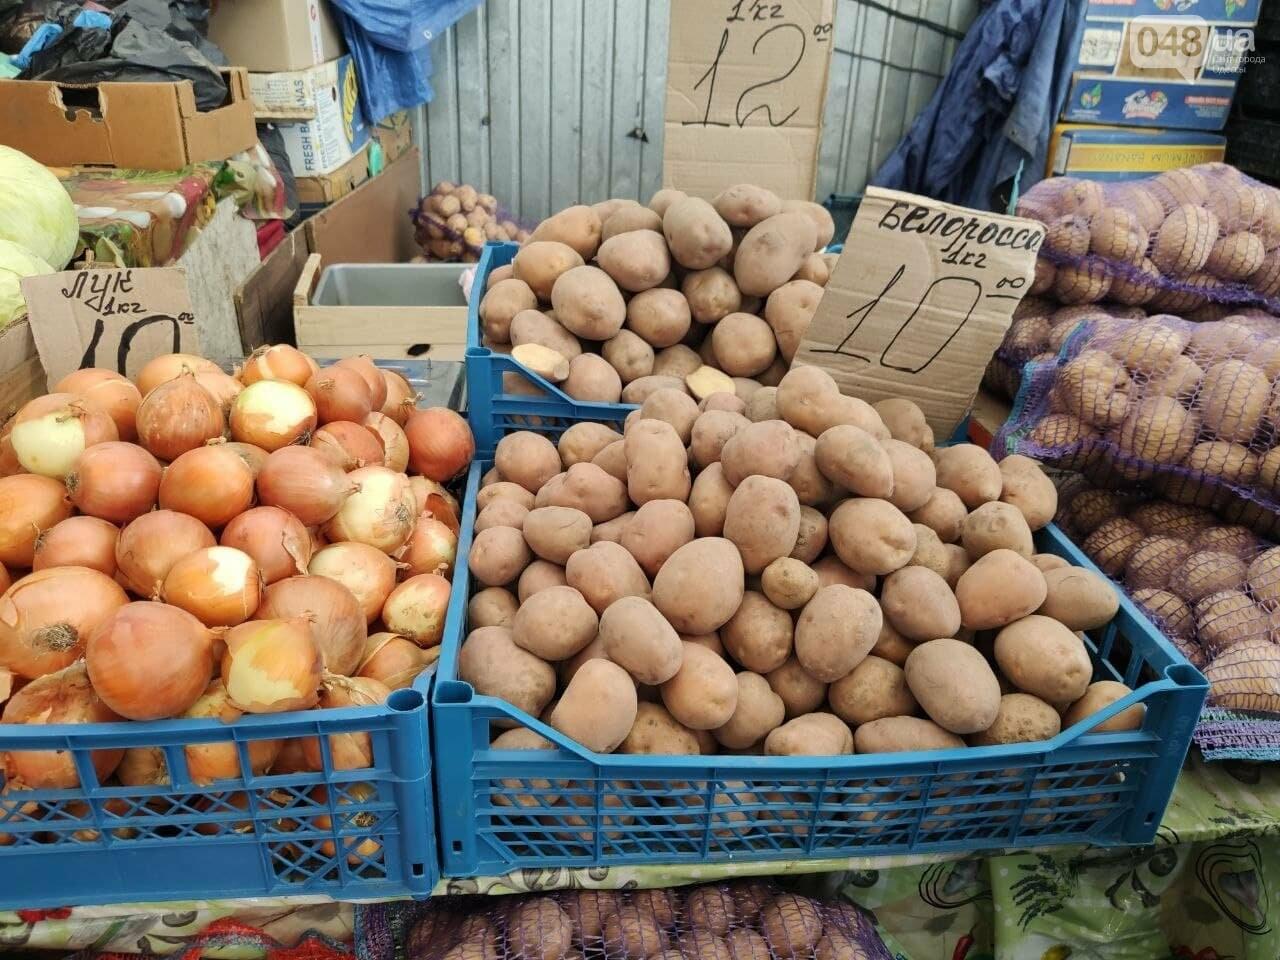 Авокадо, киви, белые грибы: сколько на одесском Привозе стоят фрукты и овощи, - ФОТО, фото-2